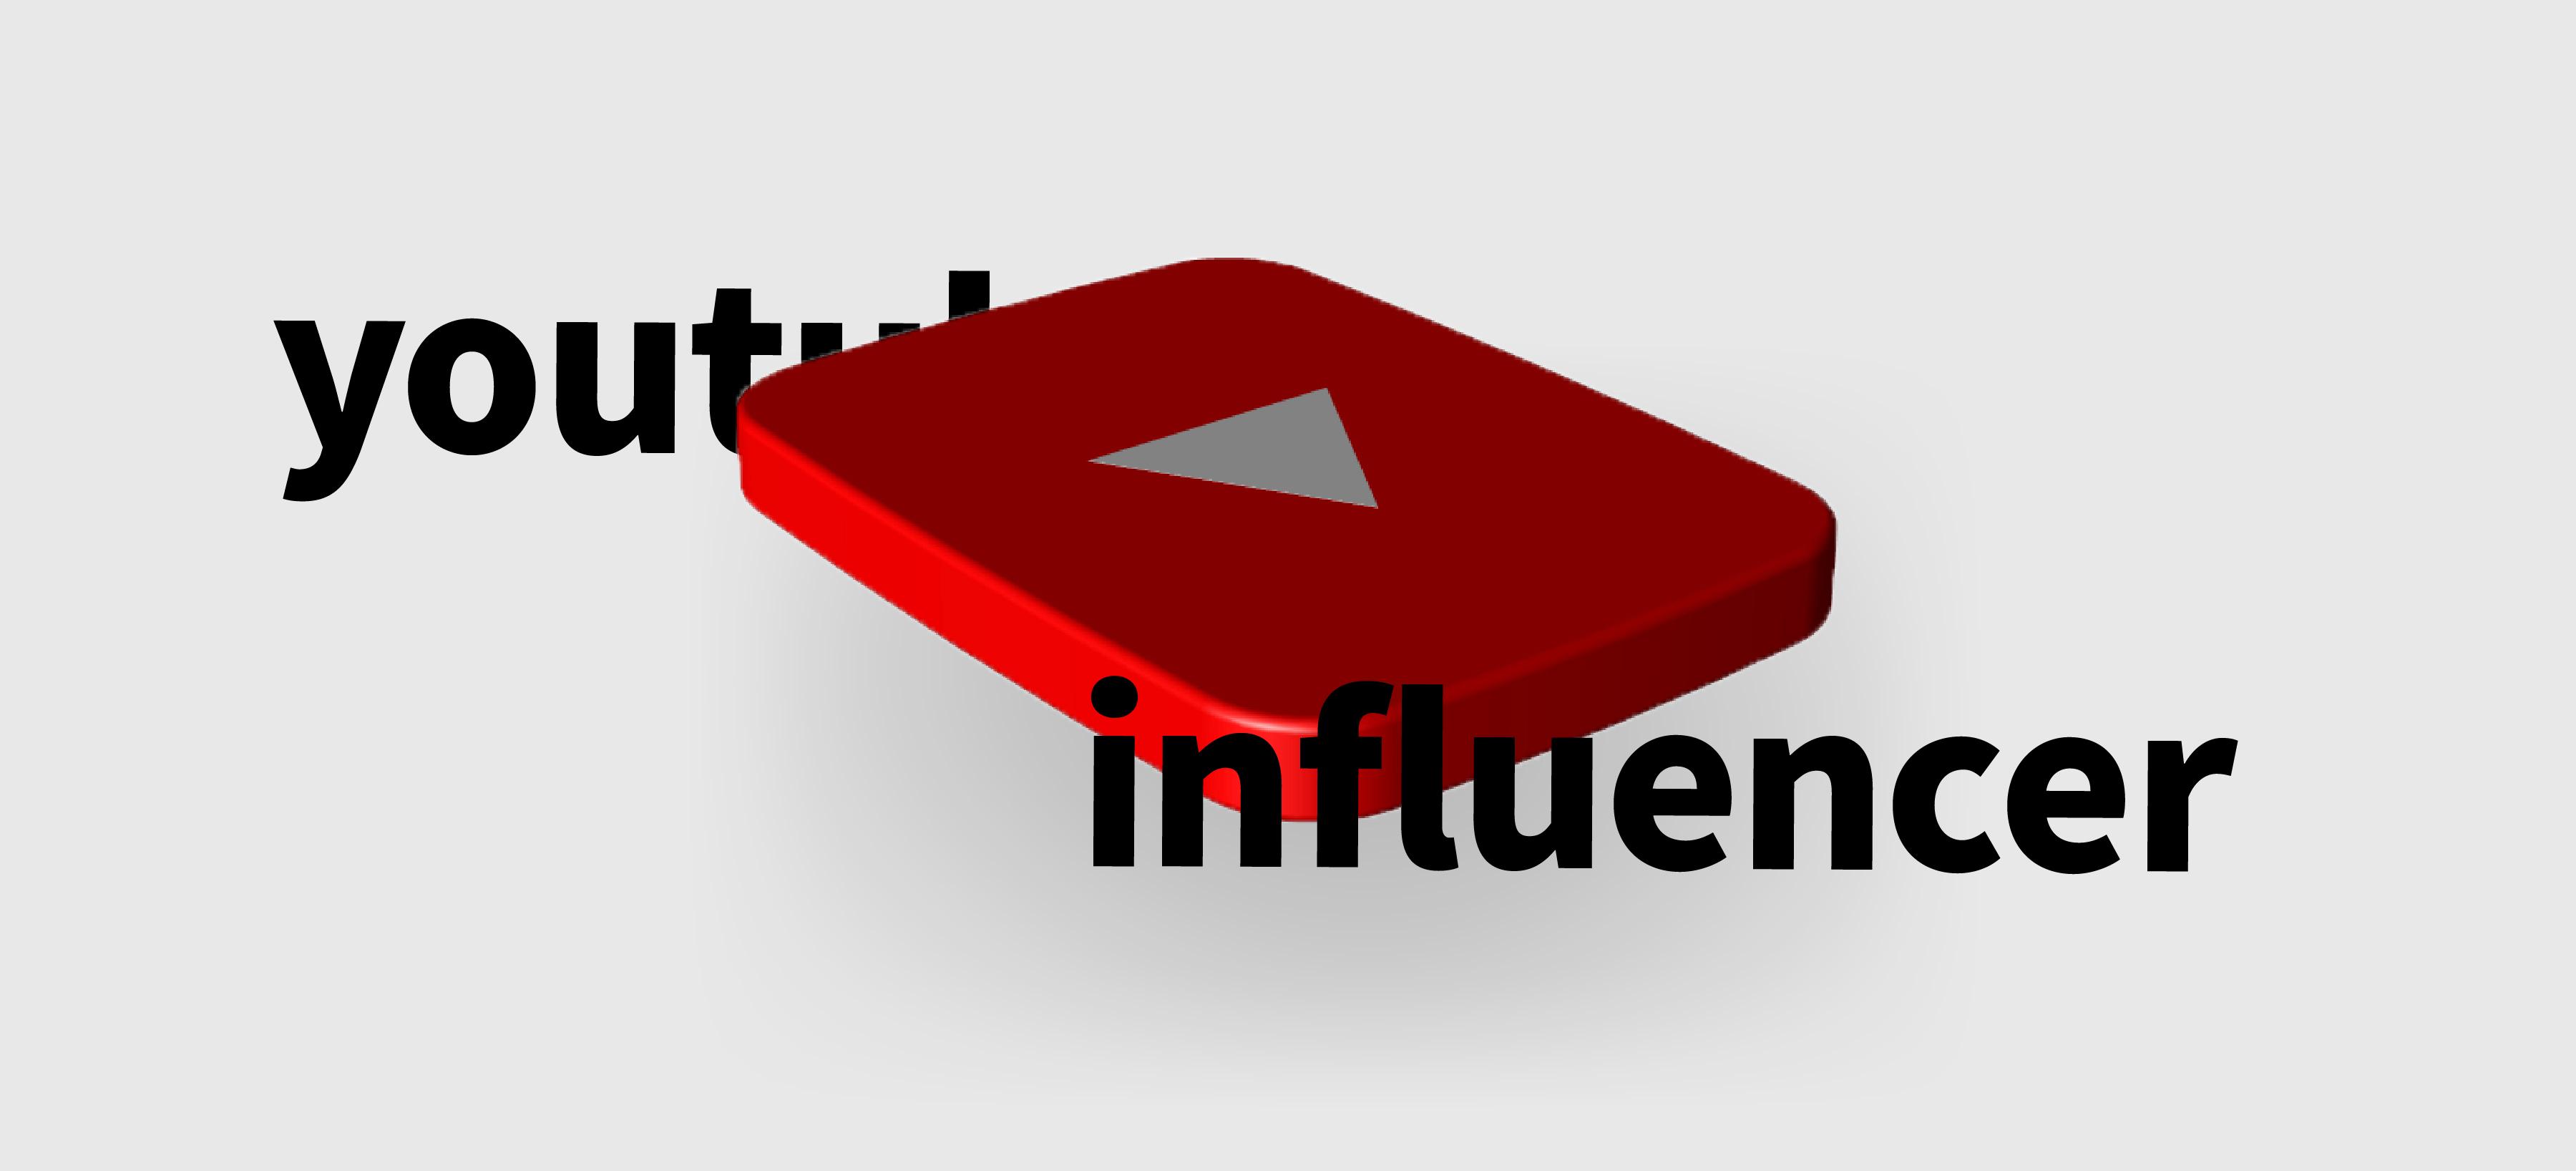 유튜버 뒷광고 논란, 그럼에도 인플루언서 마케팅이 대세인 이유